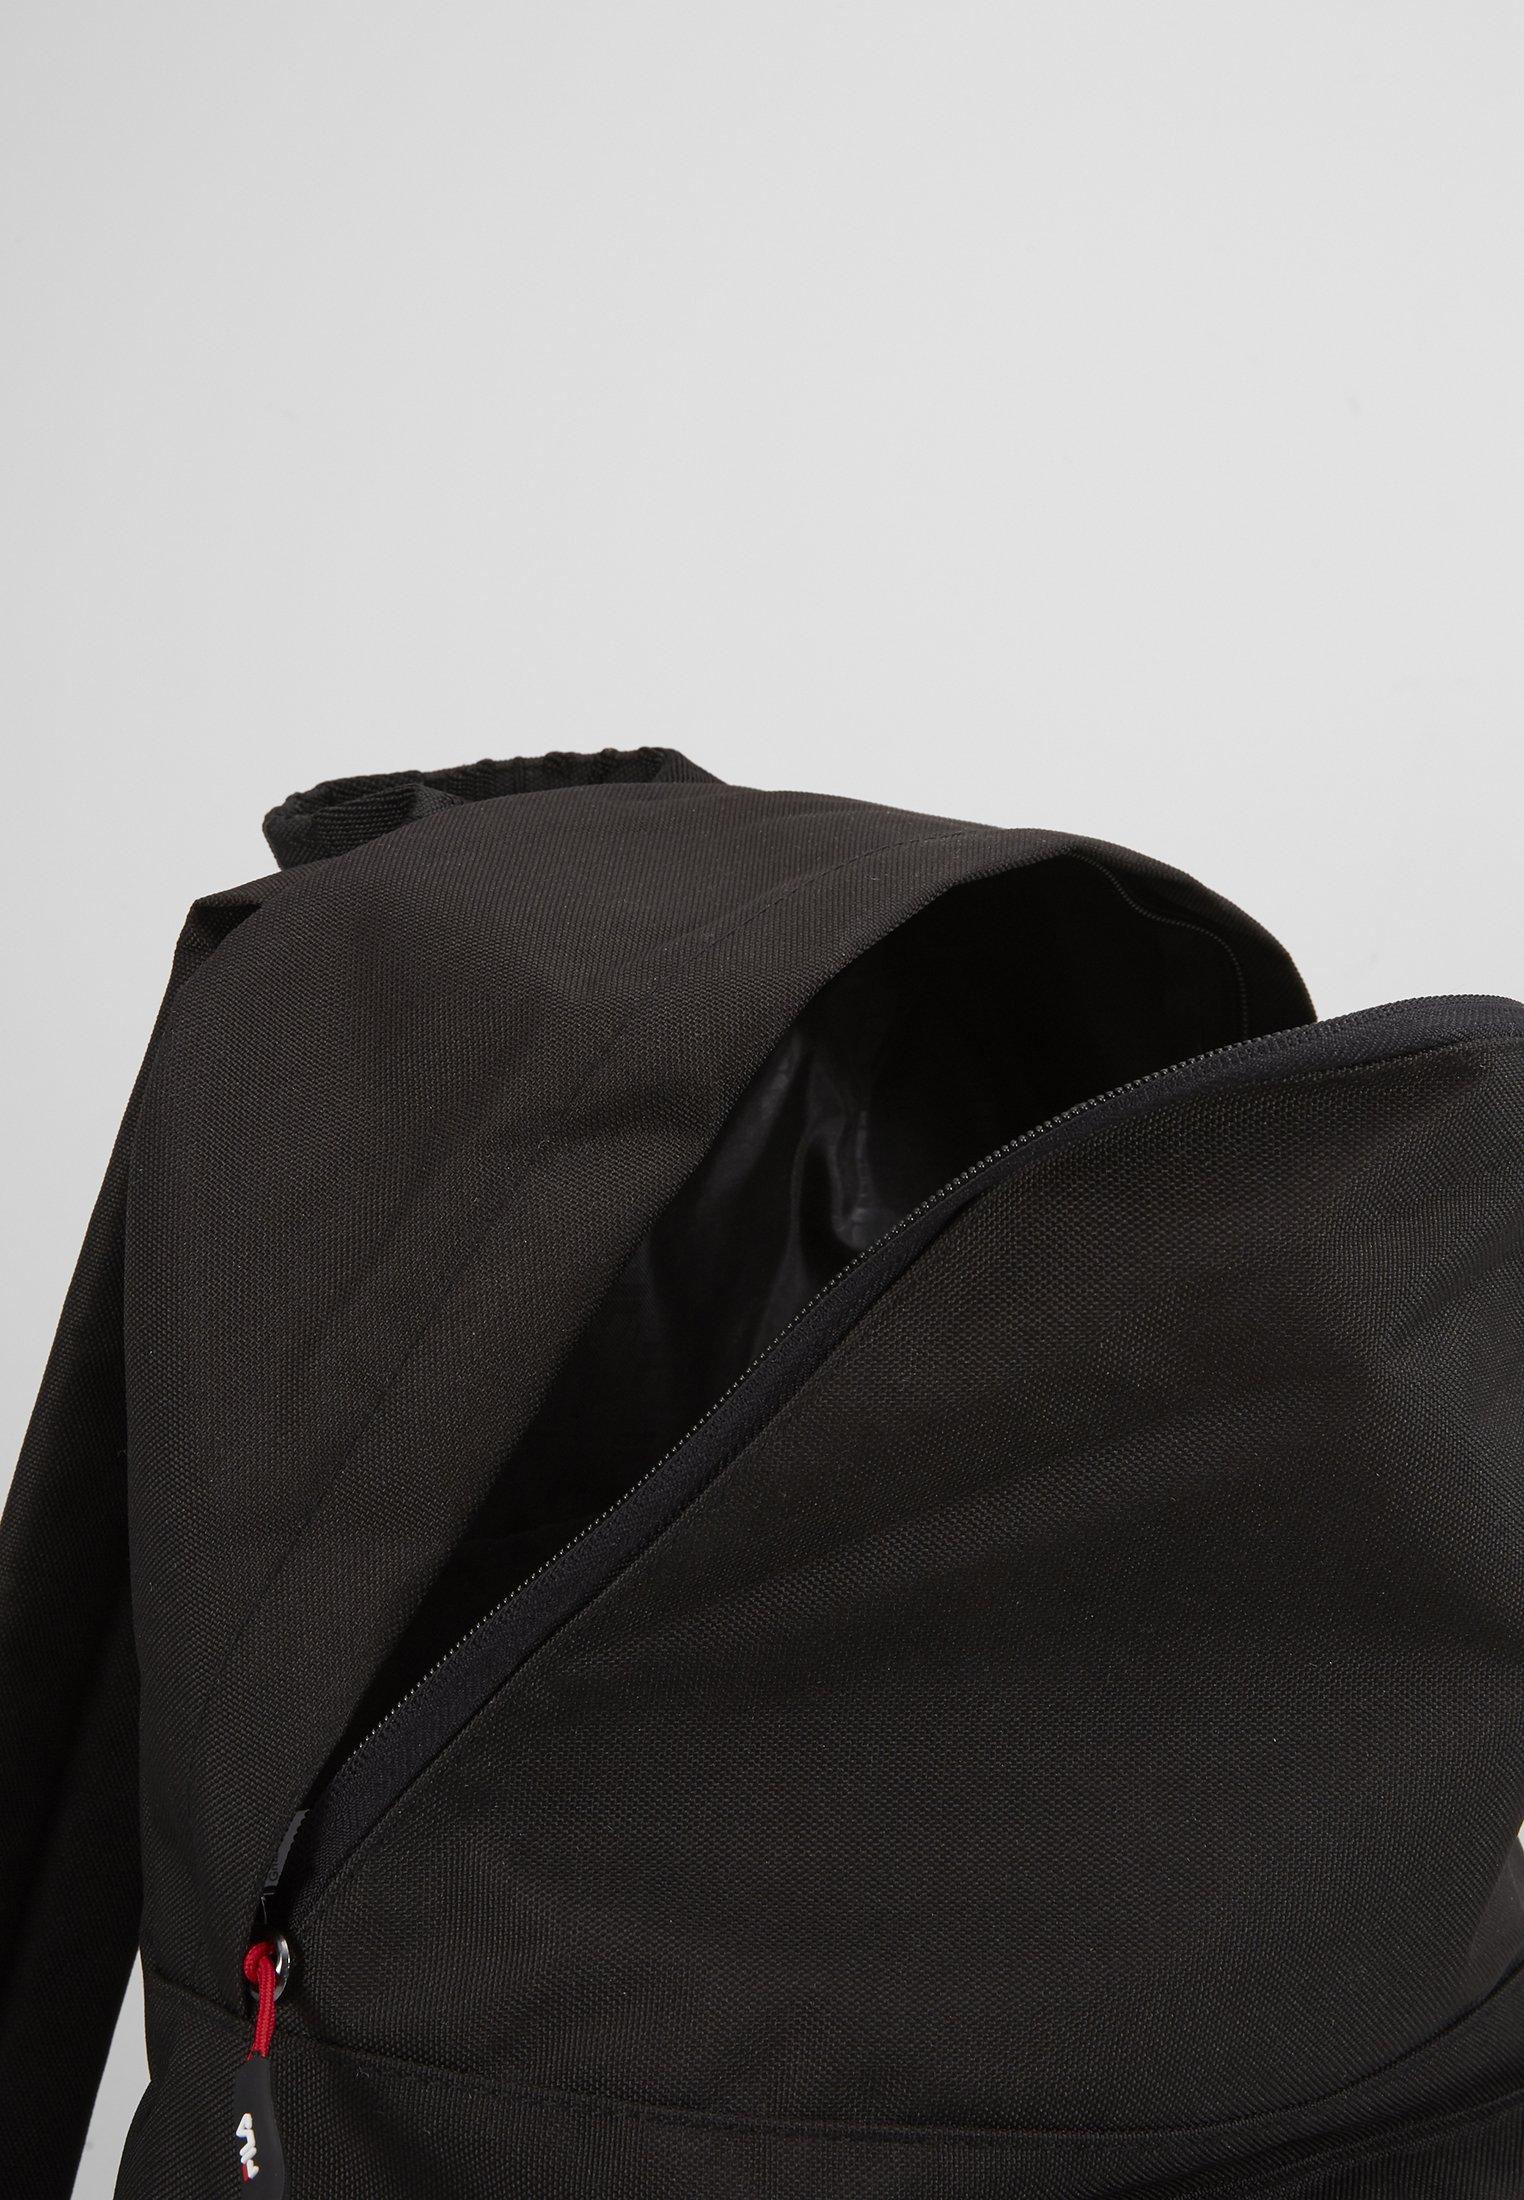 Fila NEW BACKPACK SCOOL TWO - Ryggsekk - black/svart QPg8SFFJB4RdeVu